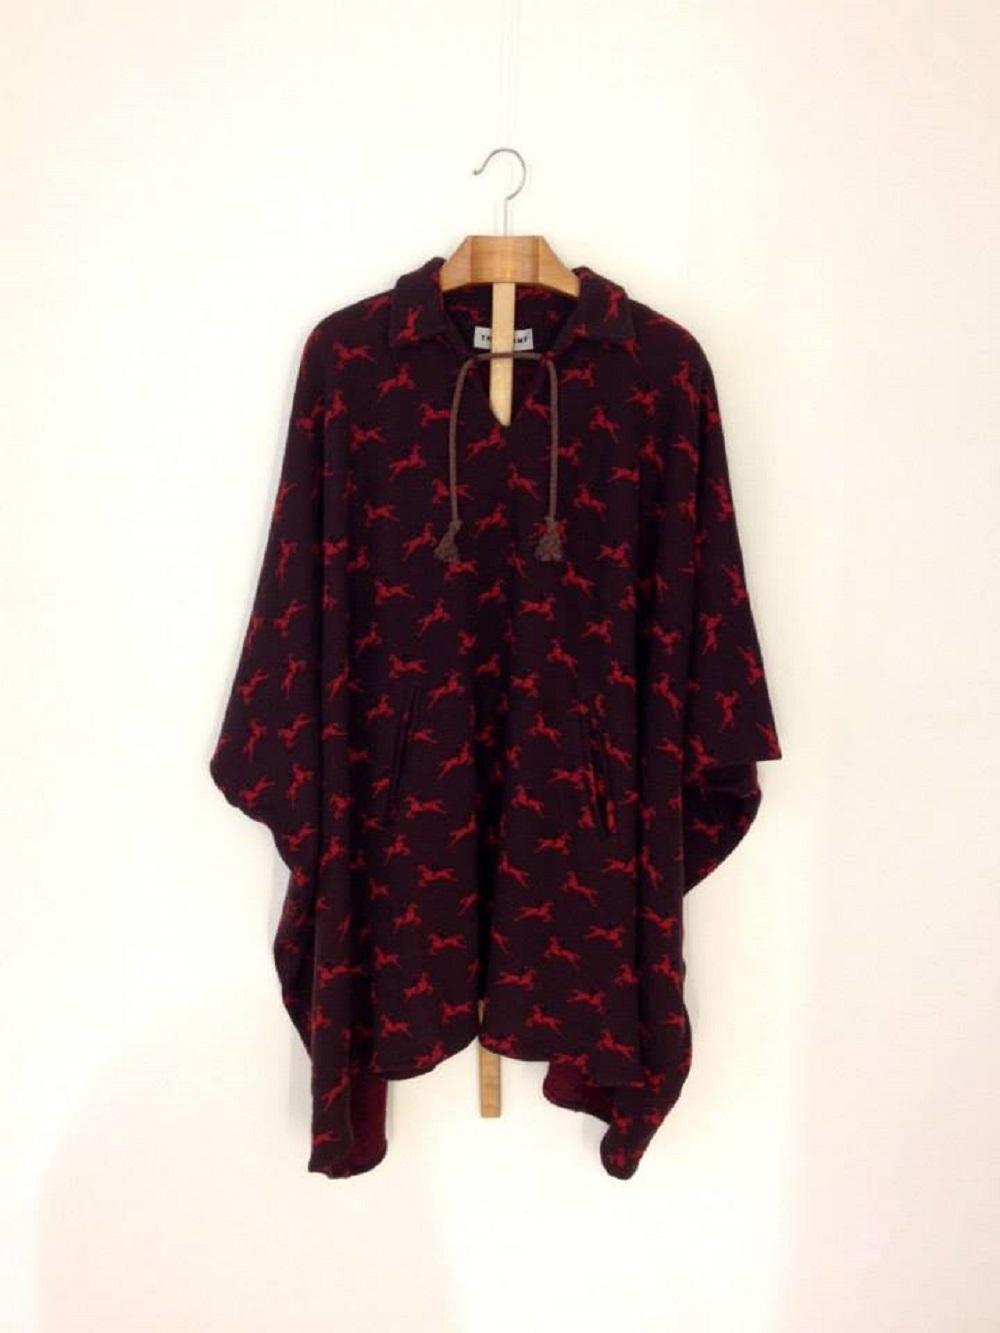 the avant-coat